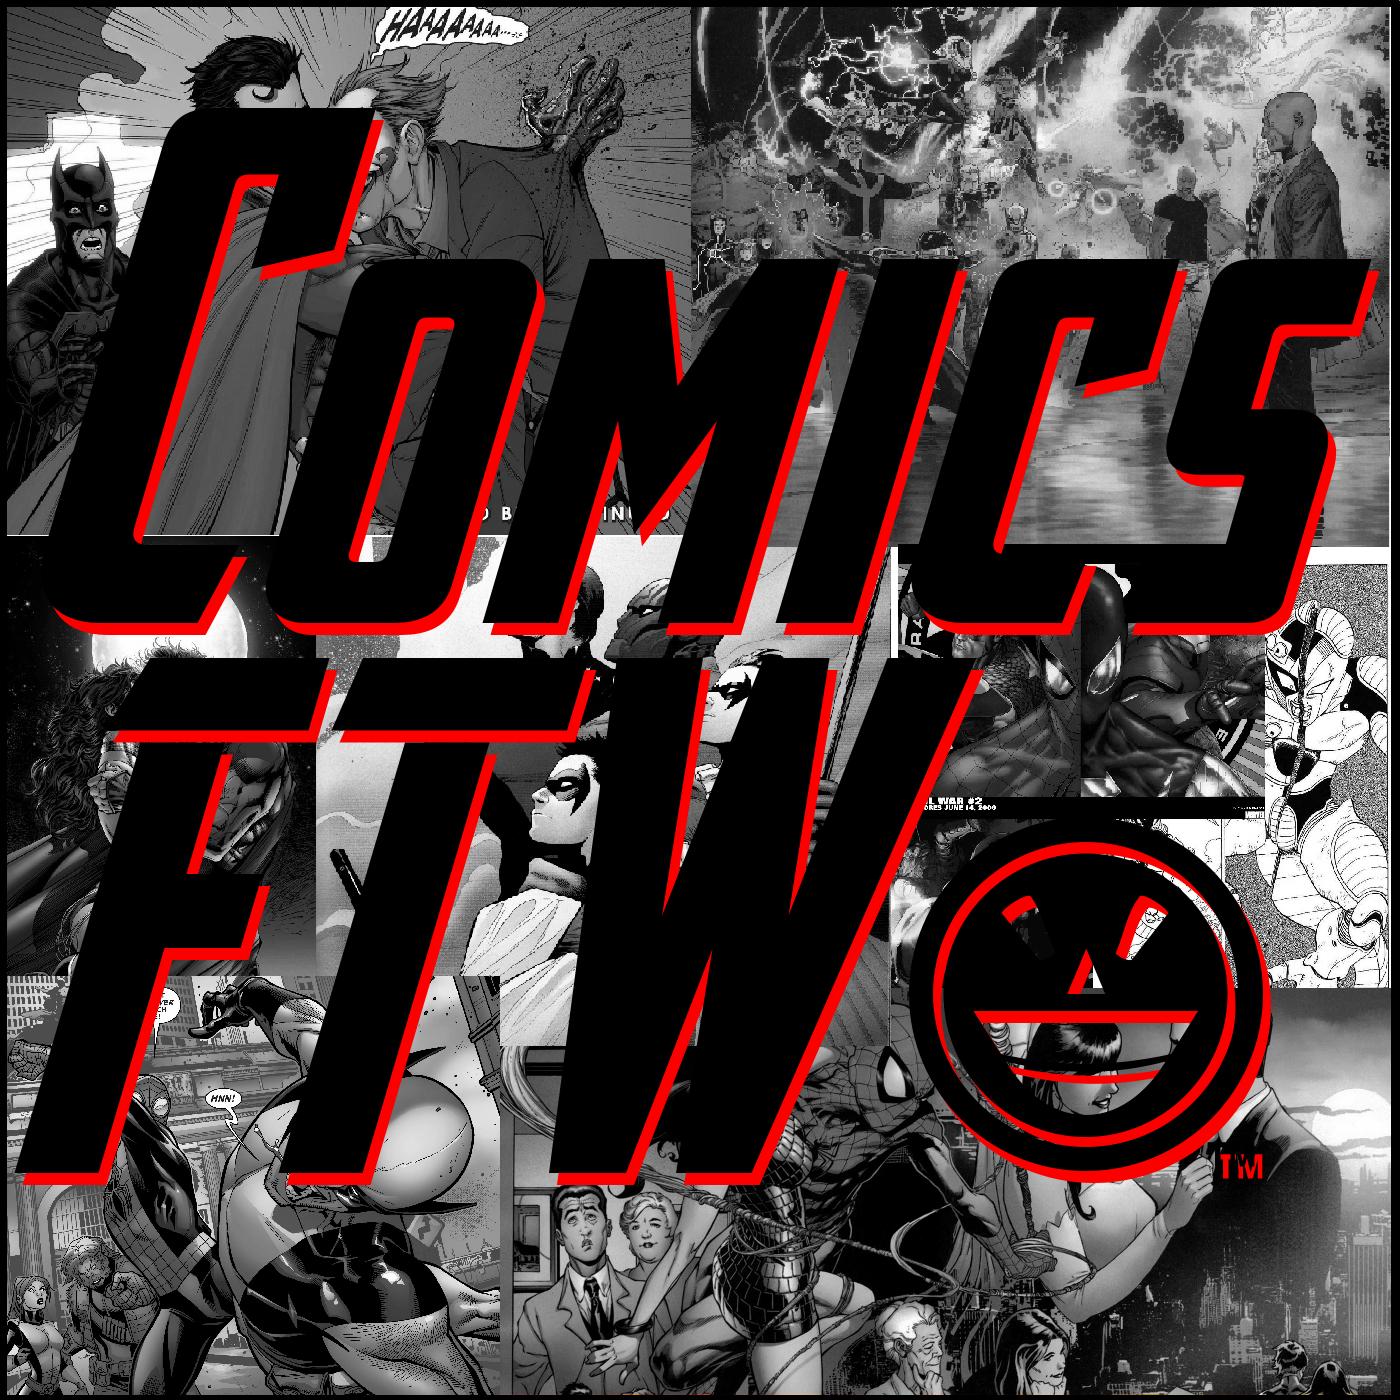 Comics FTW!